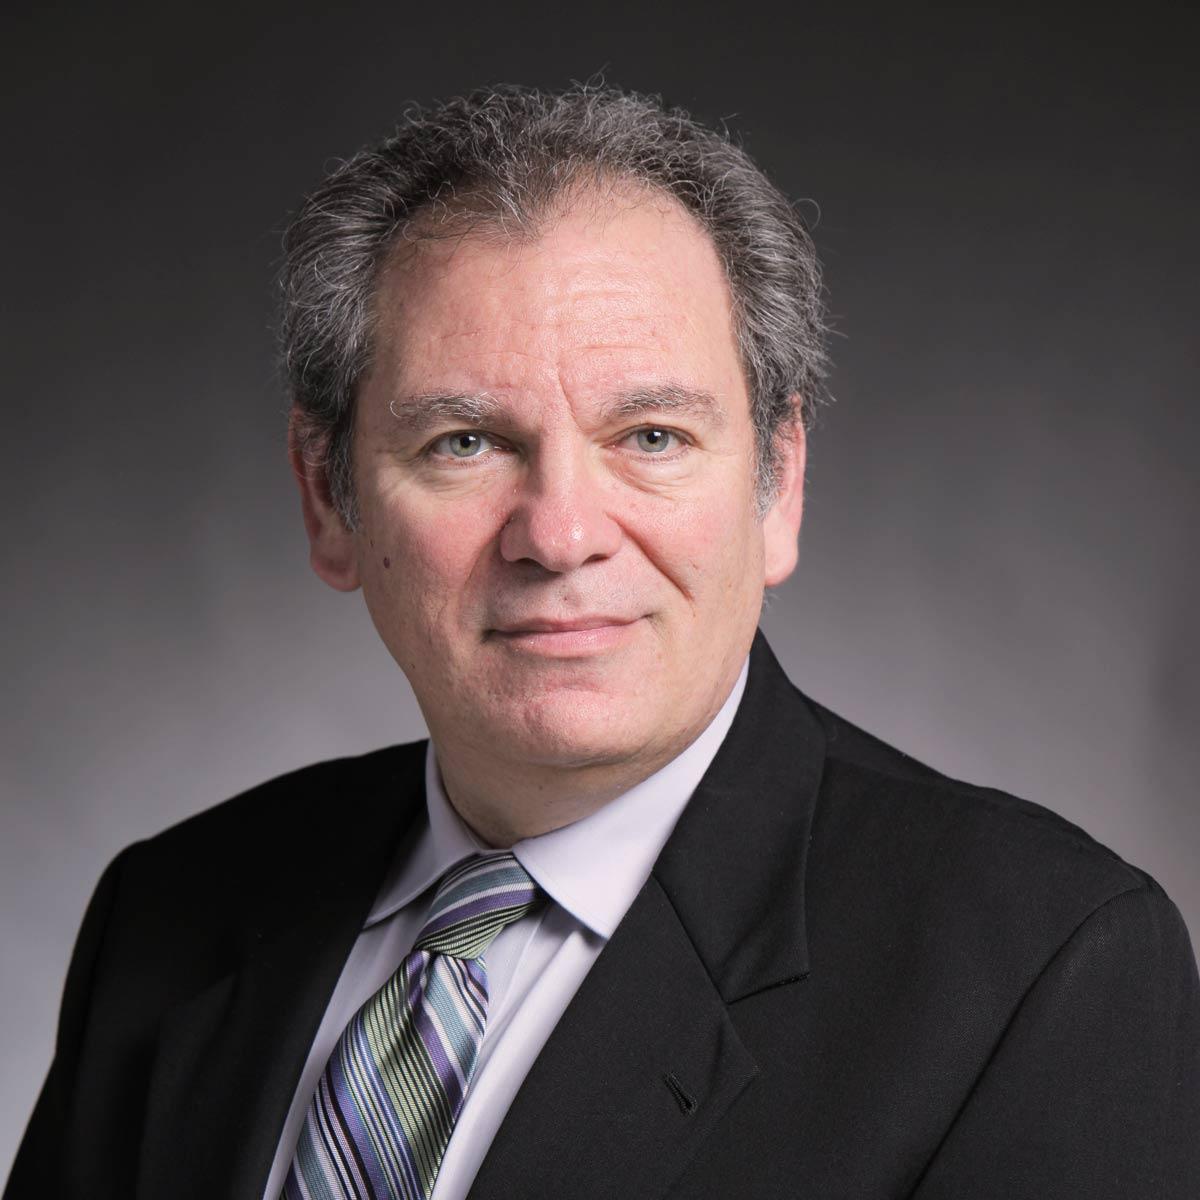 Dr. Harris E. Burstin